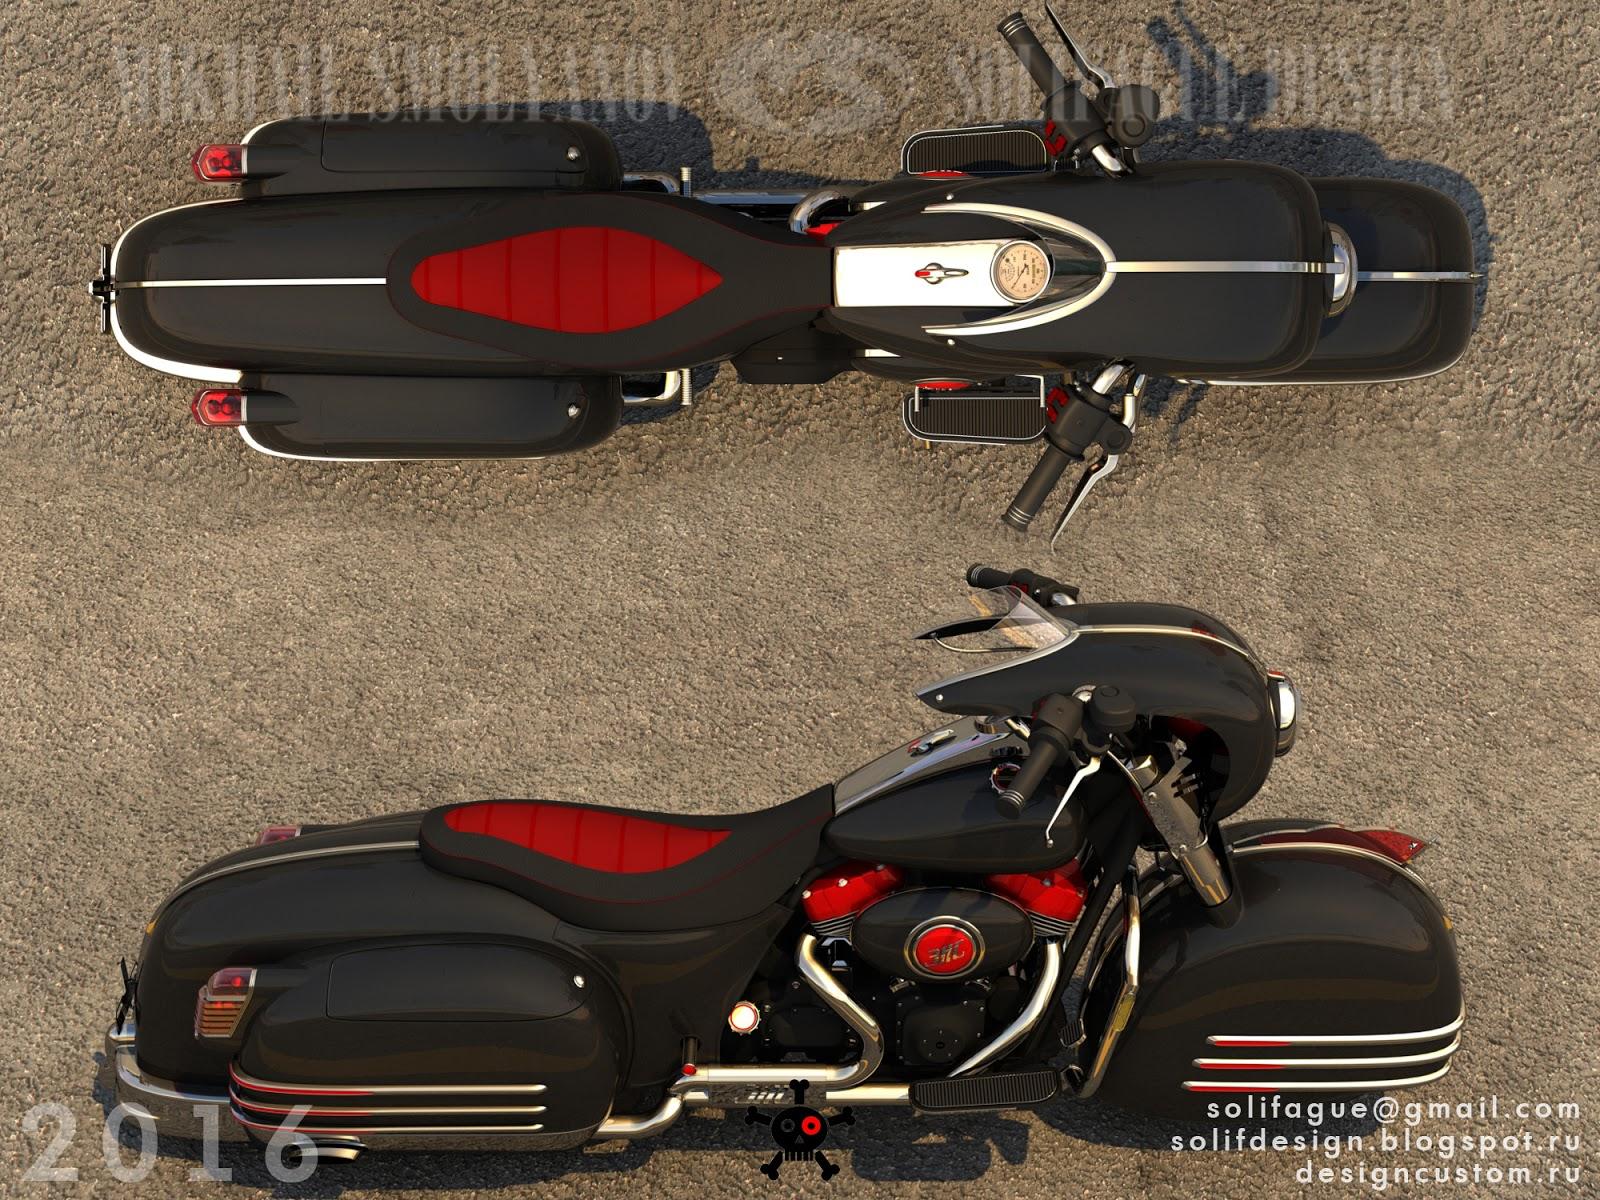 2014 Yamaha Bolt Vs Harley Davidson.html | Autos Weblog